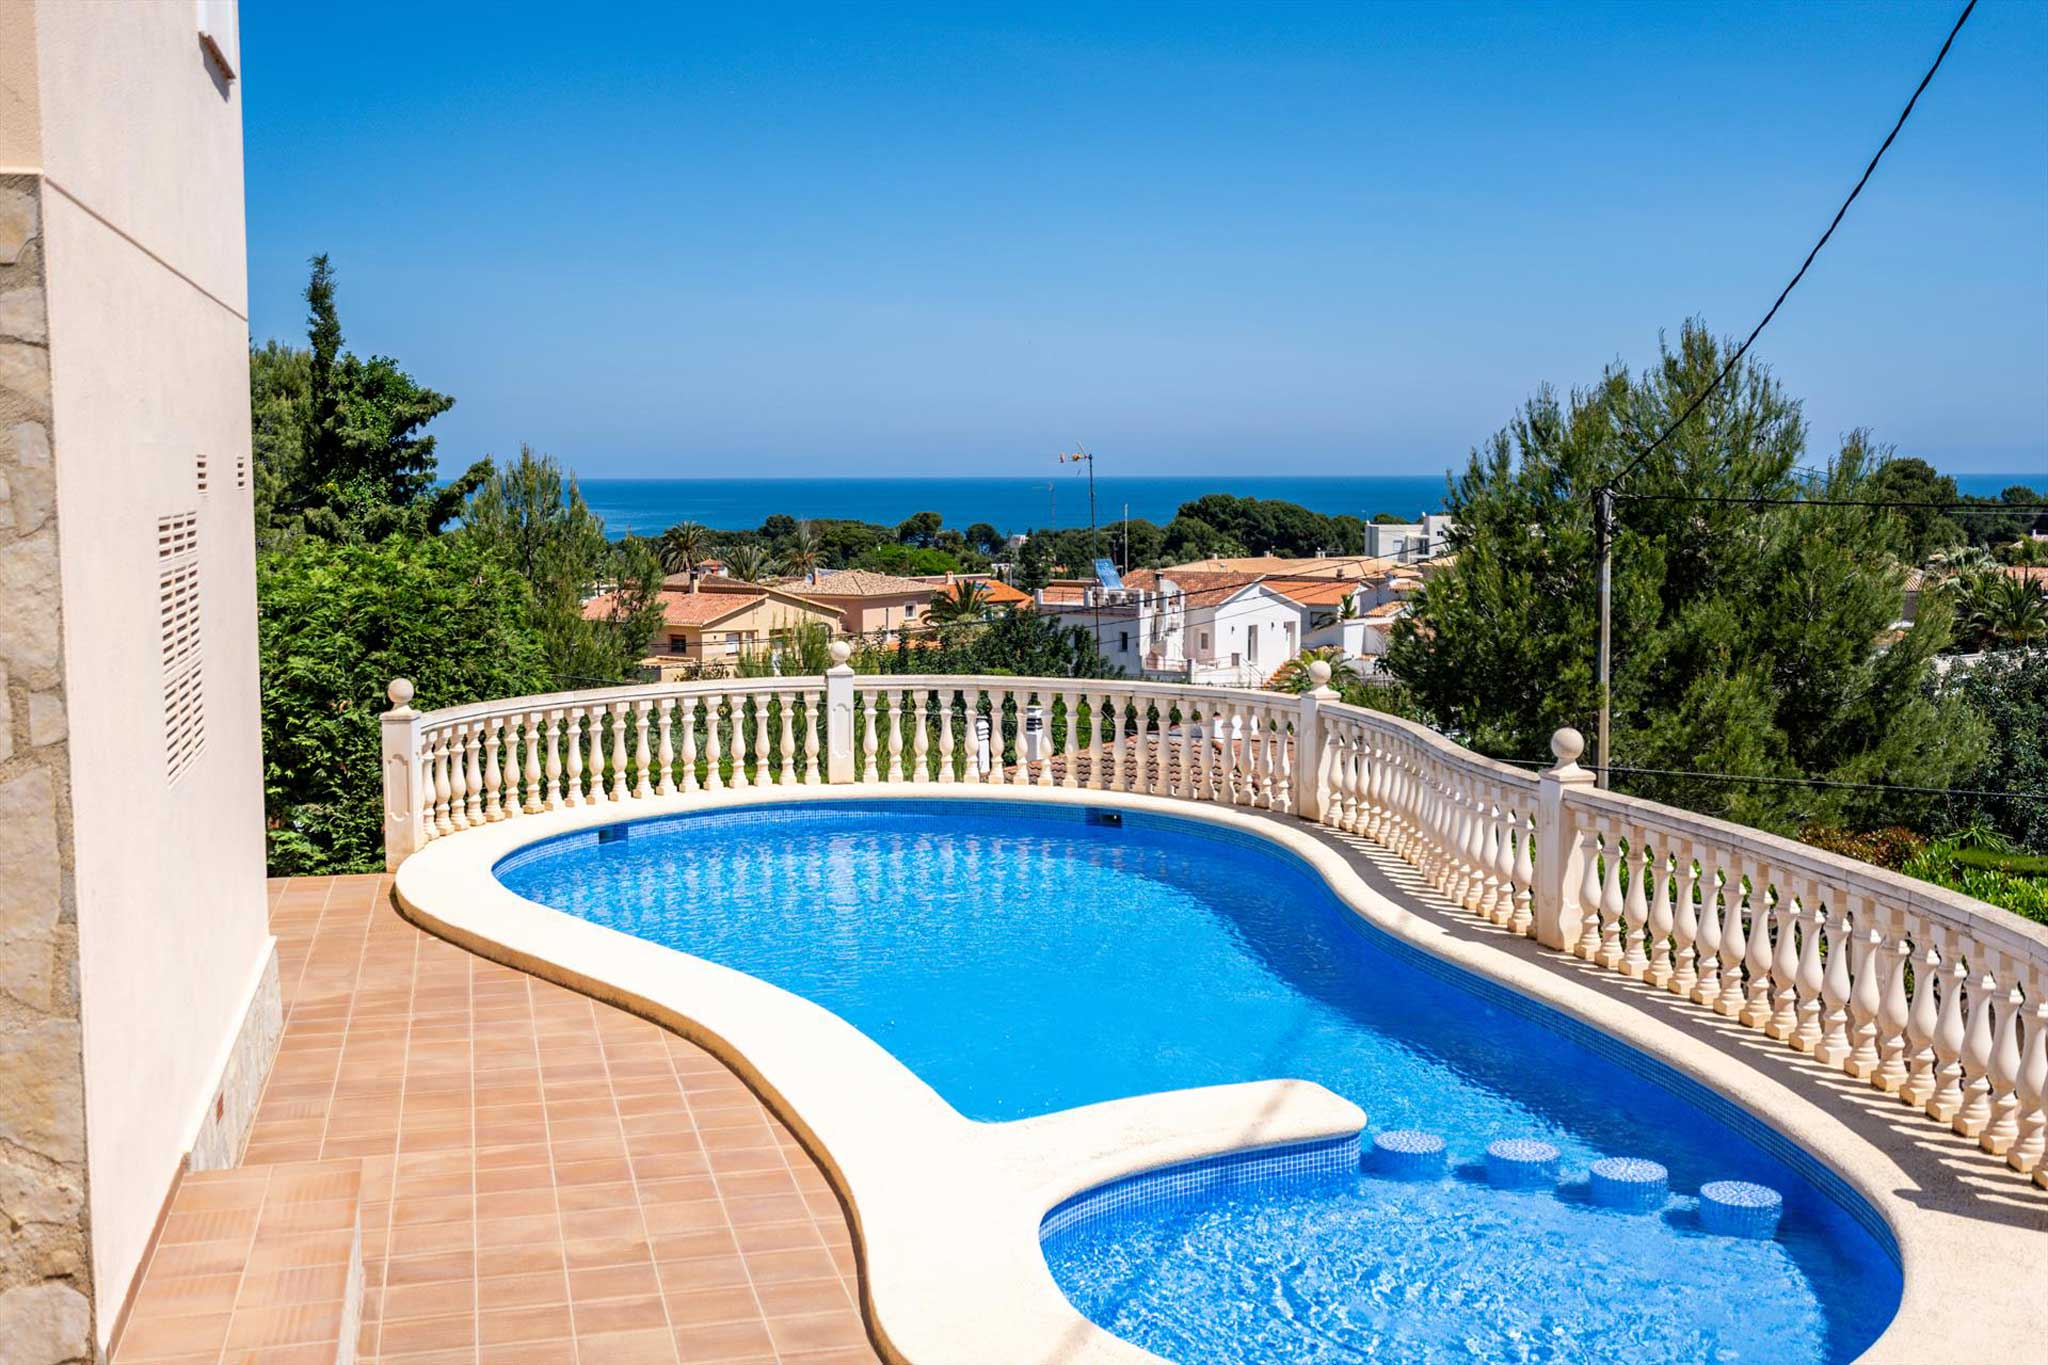 Casa con piscina en Denia – Quality Rent a Villa